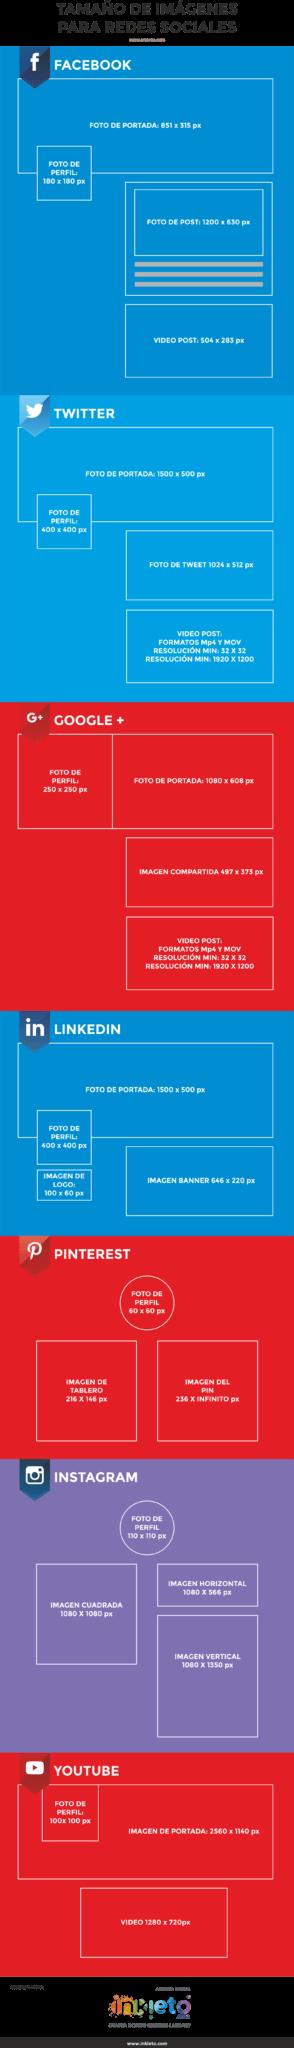 Tamaño de imágenes para redes sociales · Infografía